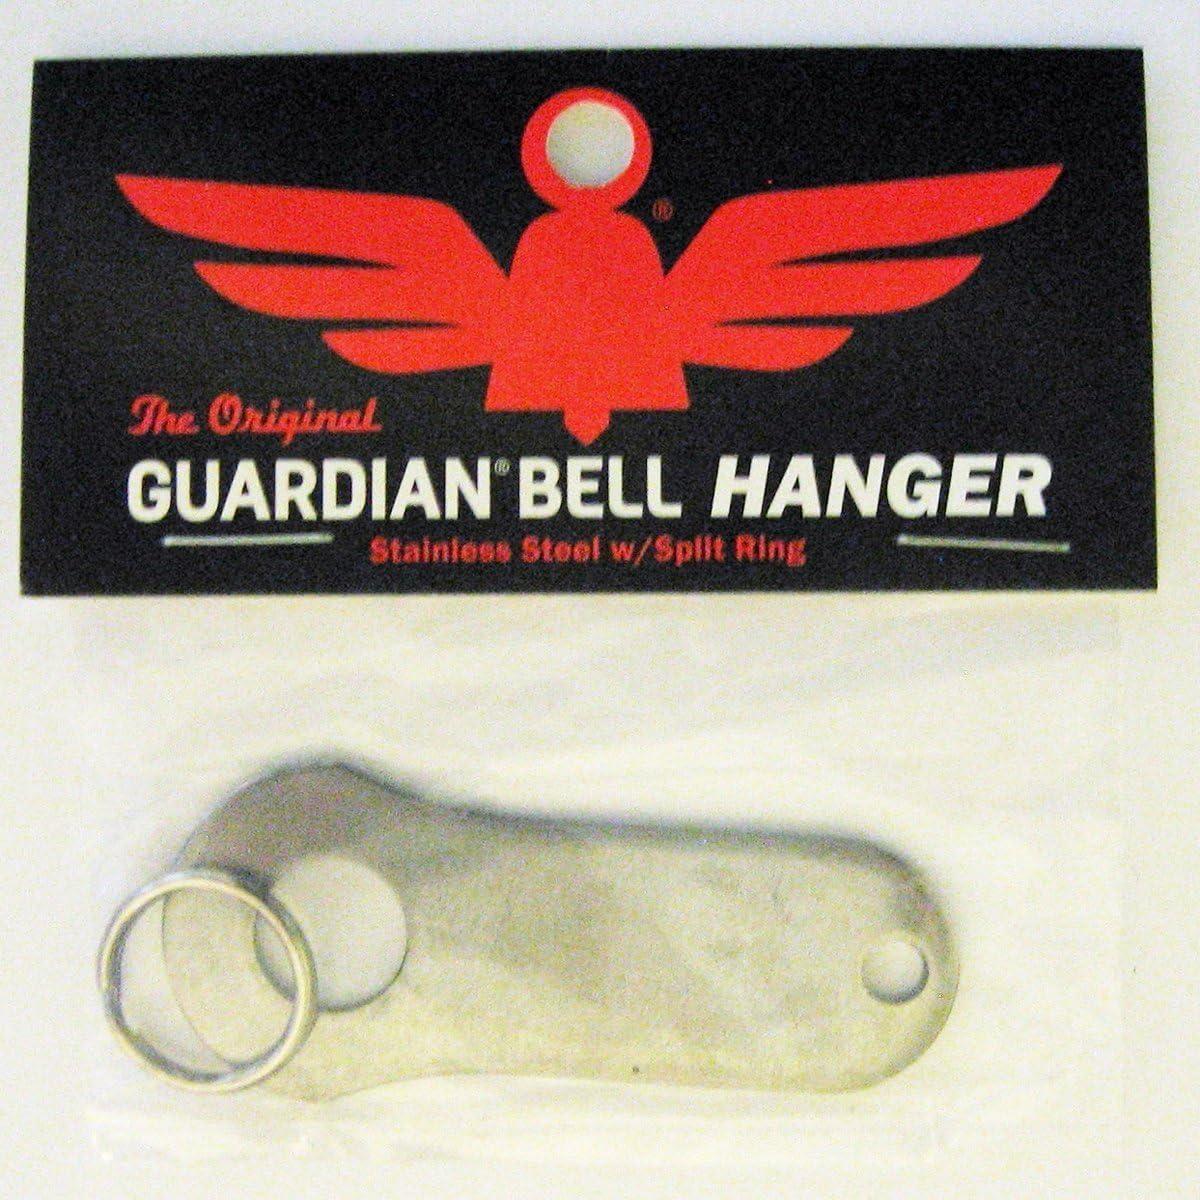 TAURUS GUARDIAN BIKER BELL WITH HANGER